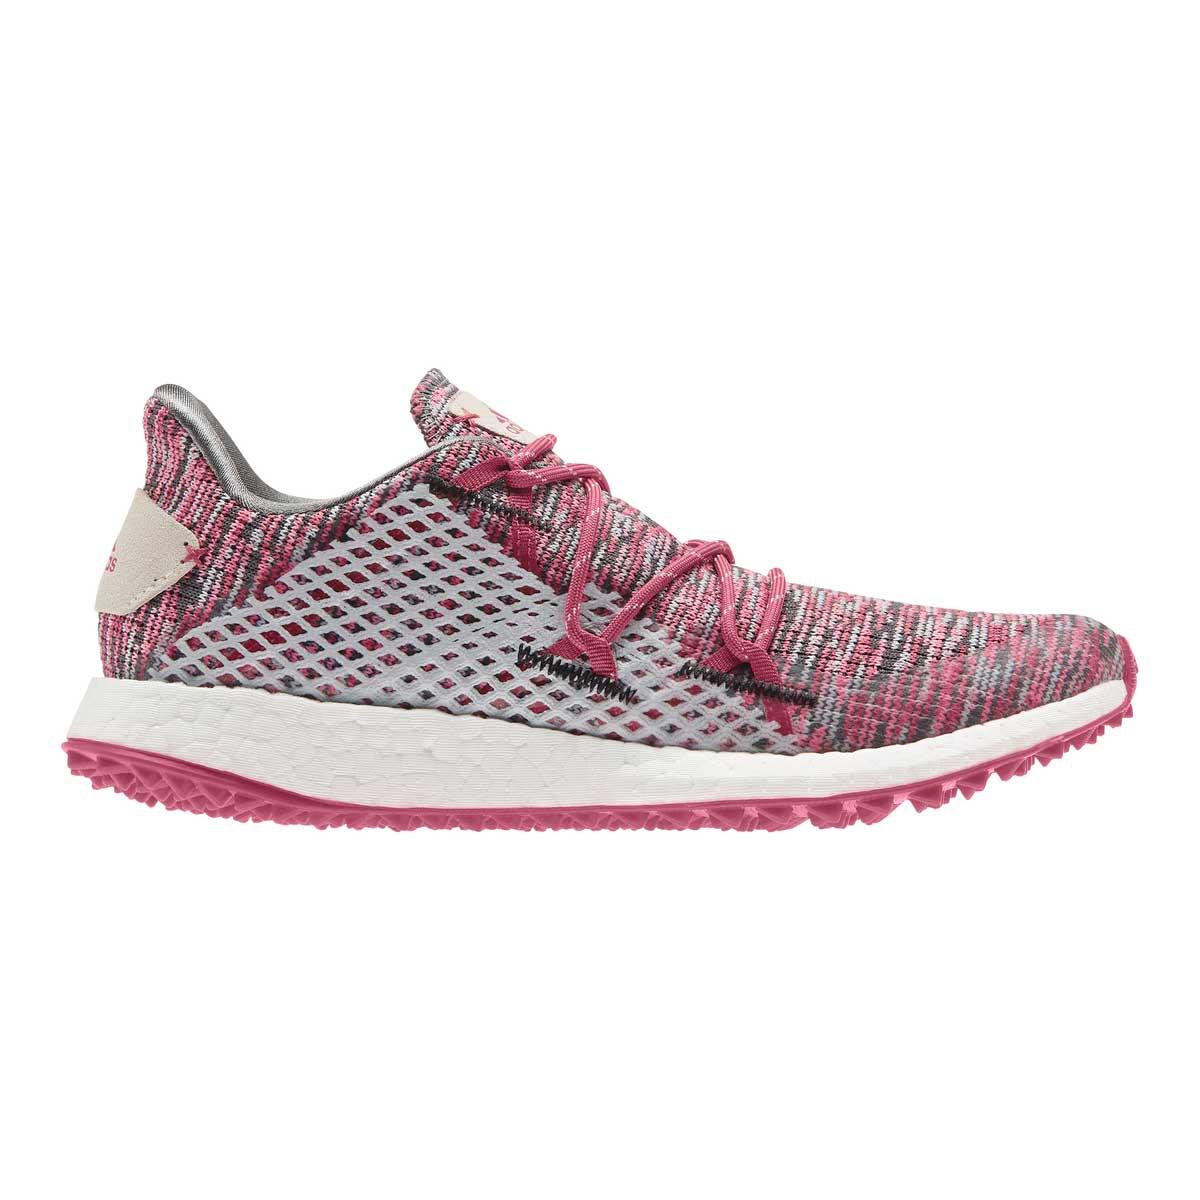 Adidas Women's Crossknit DPR Grey/Wild Pink Spikeless Golf Shoe